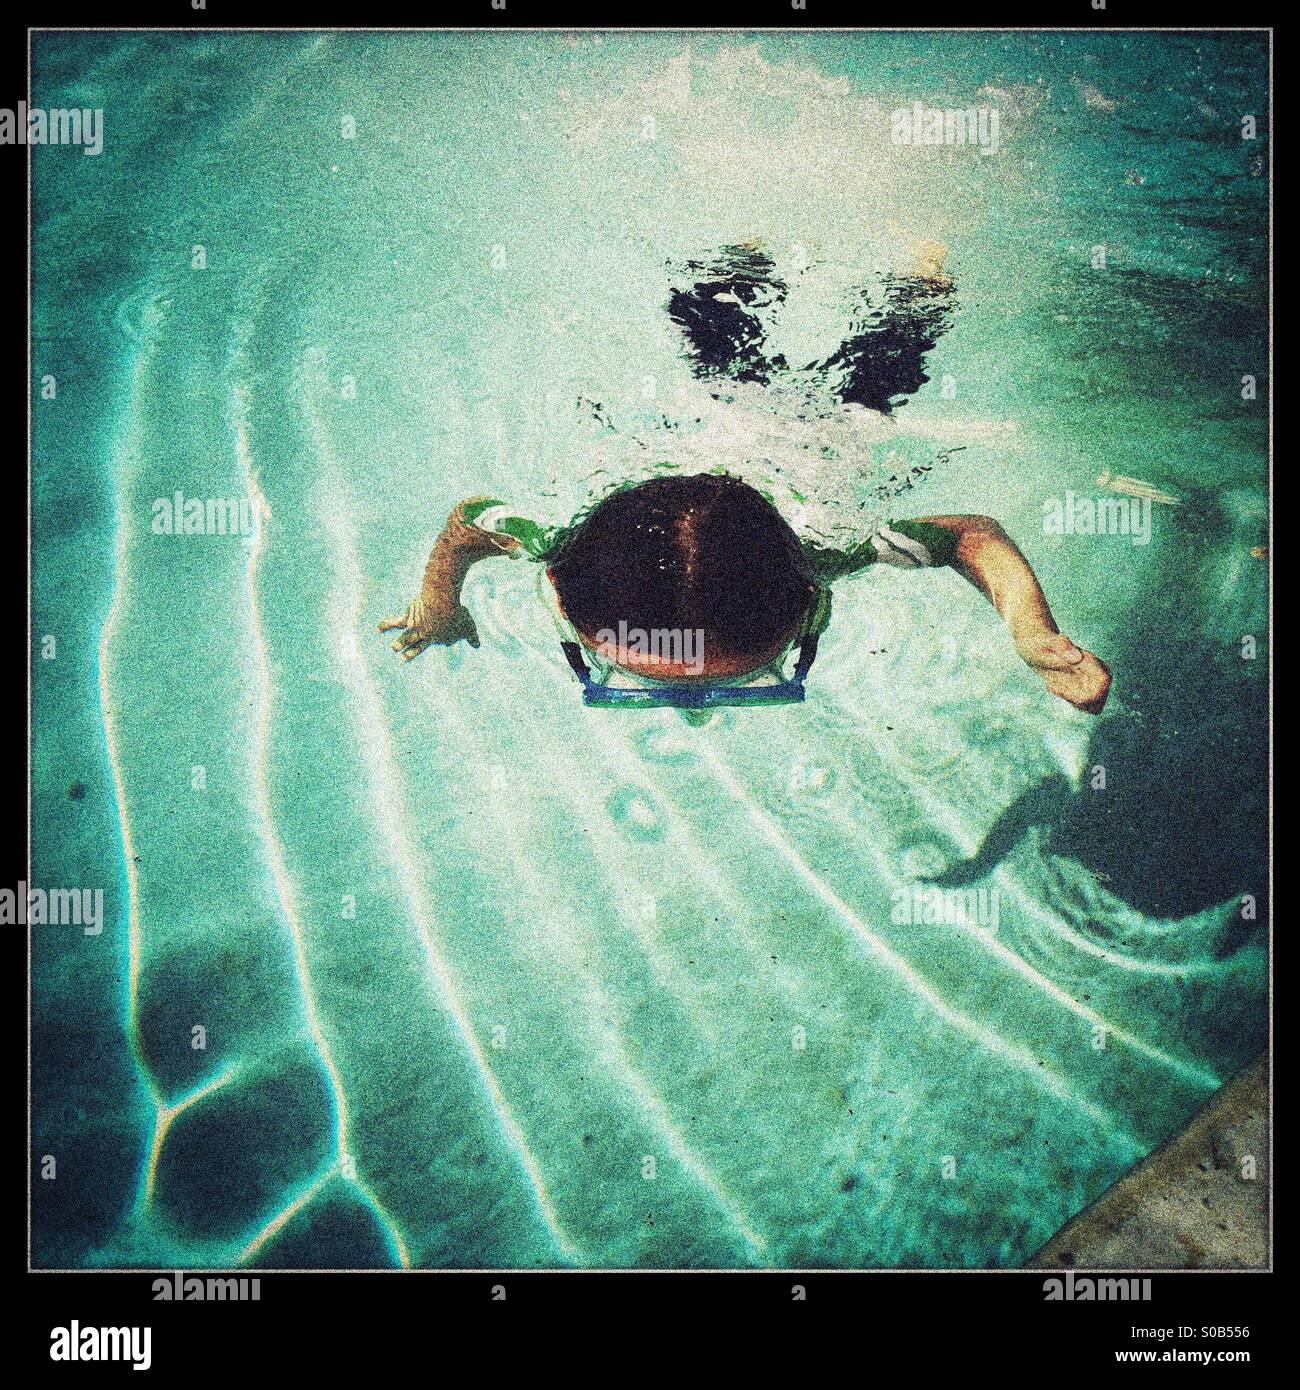 Un niño de siete años nadando bajo el agua en una piscina. Imagen De Stock